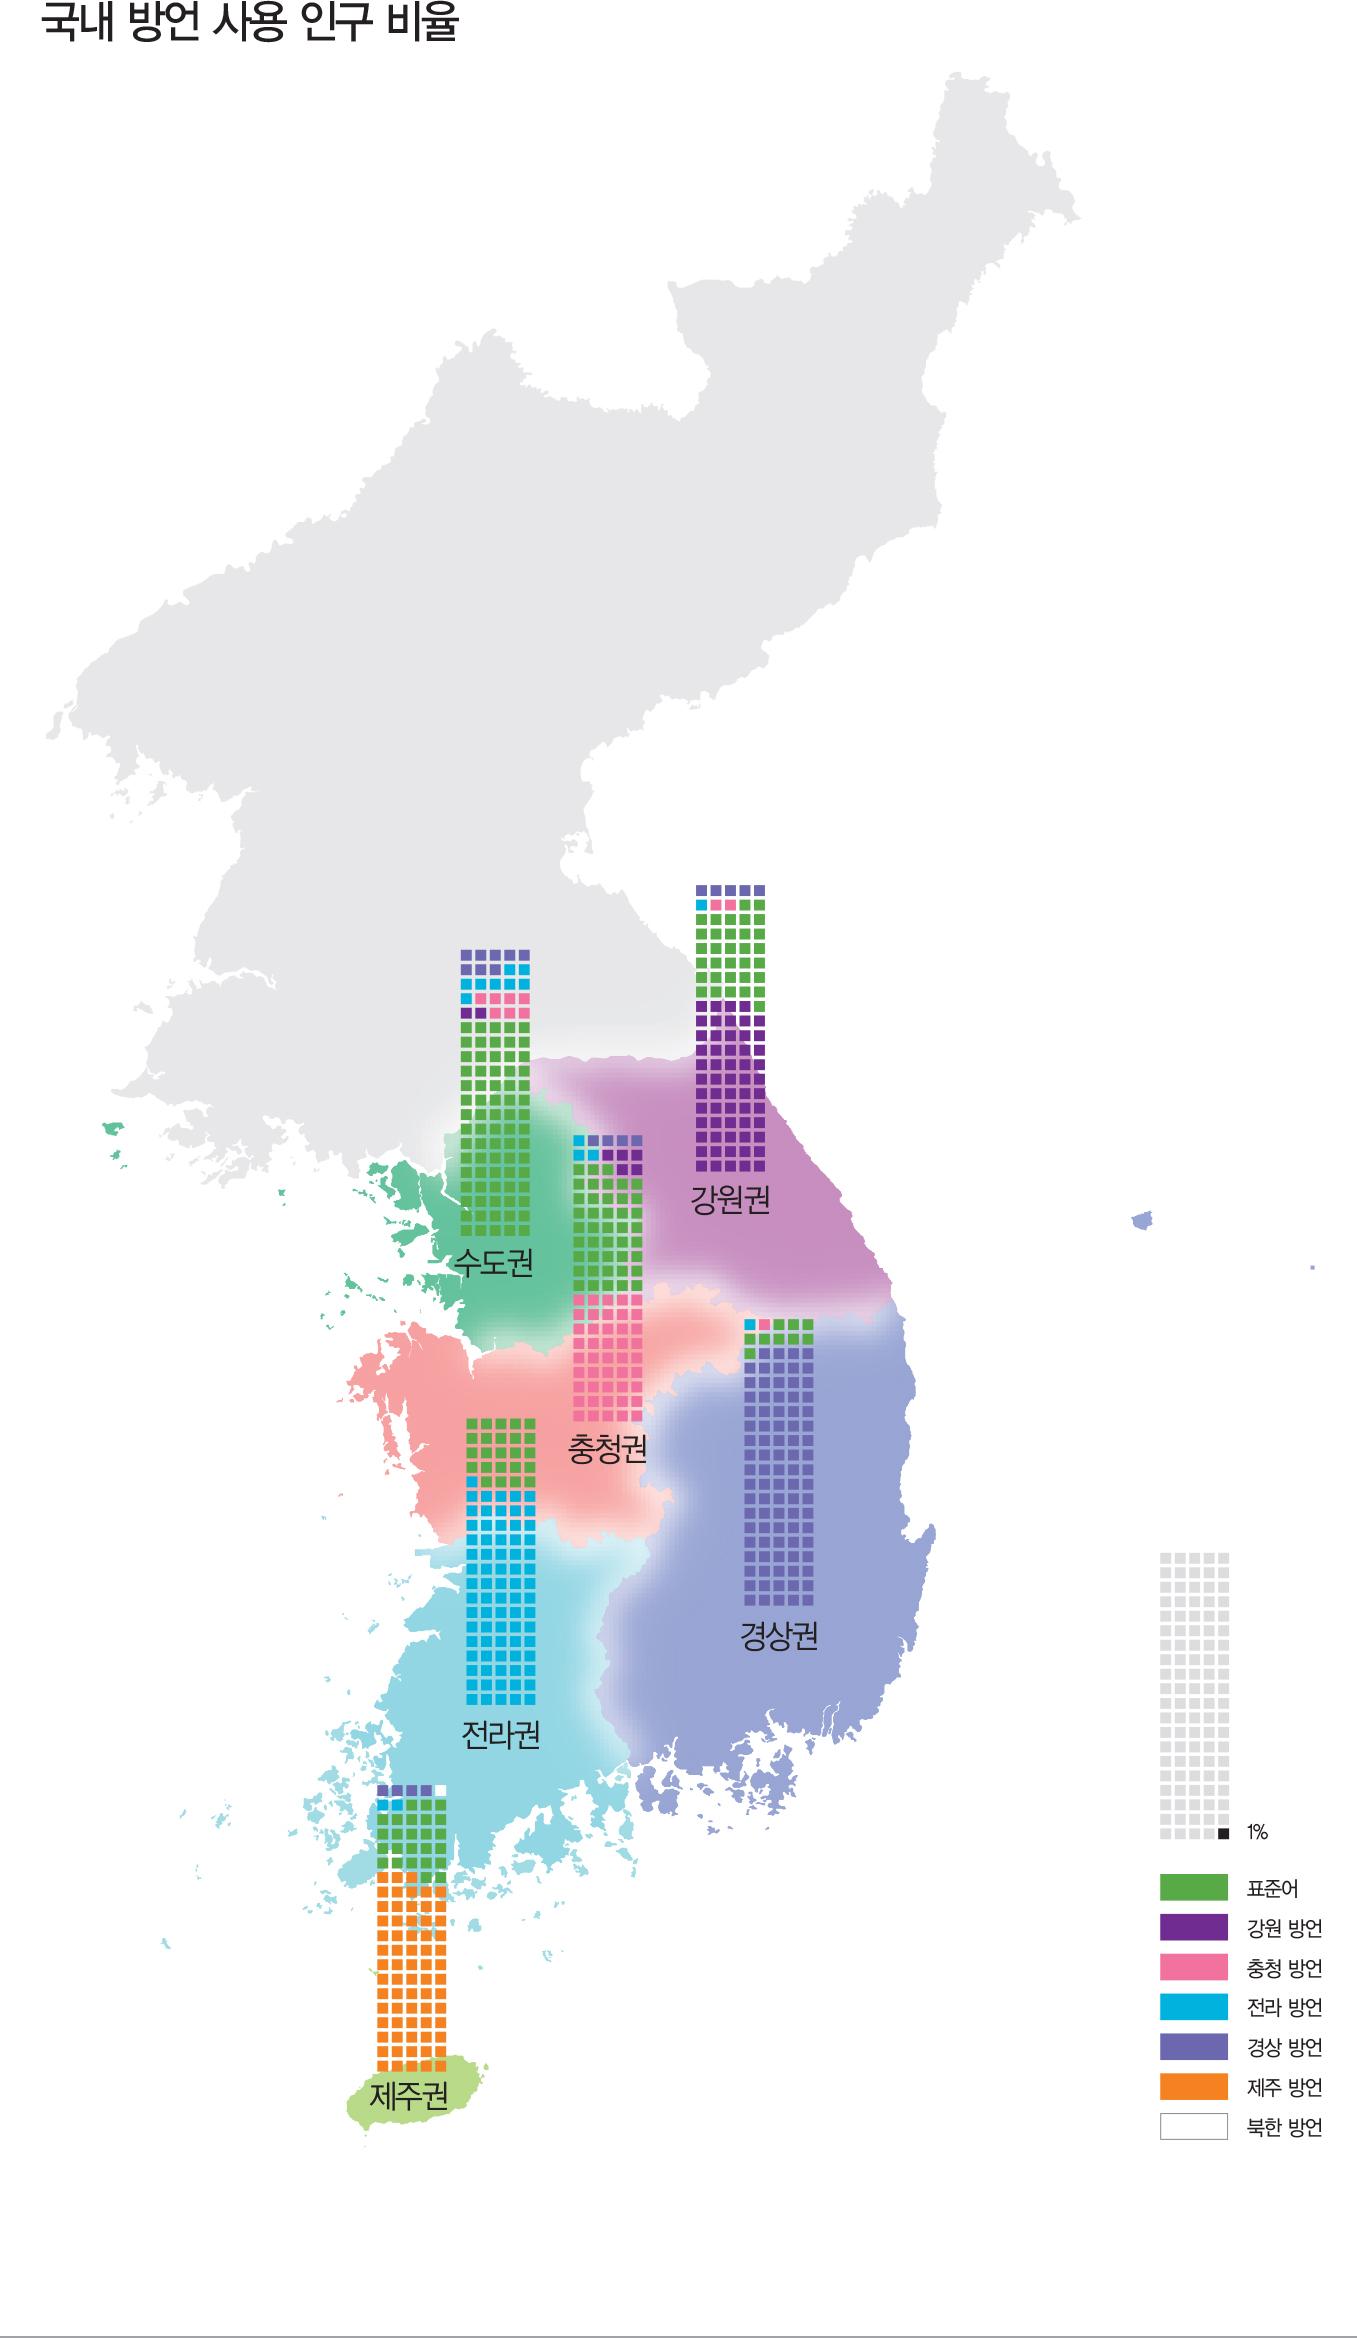 국내 방언 사용 인구 비율